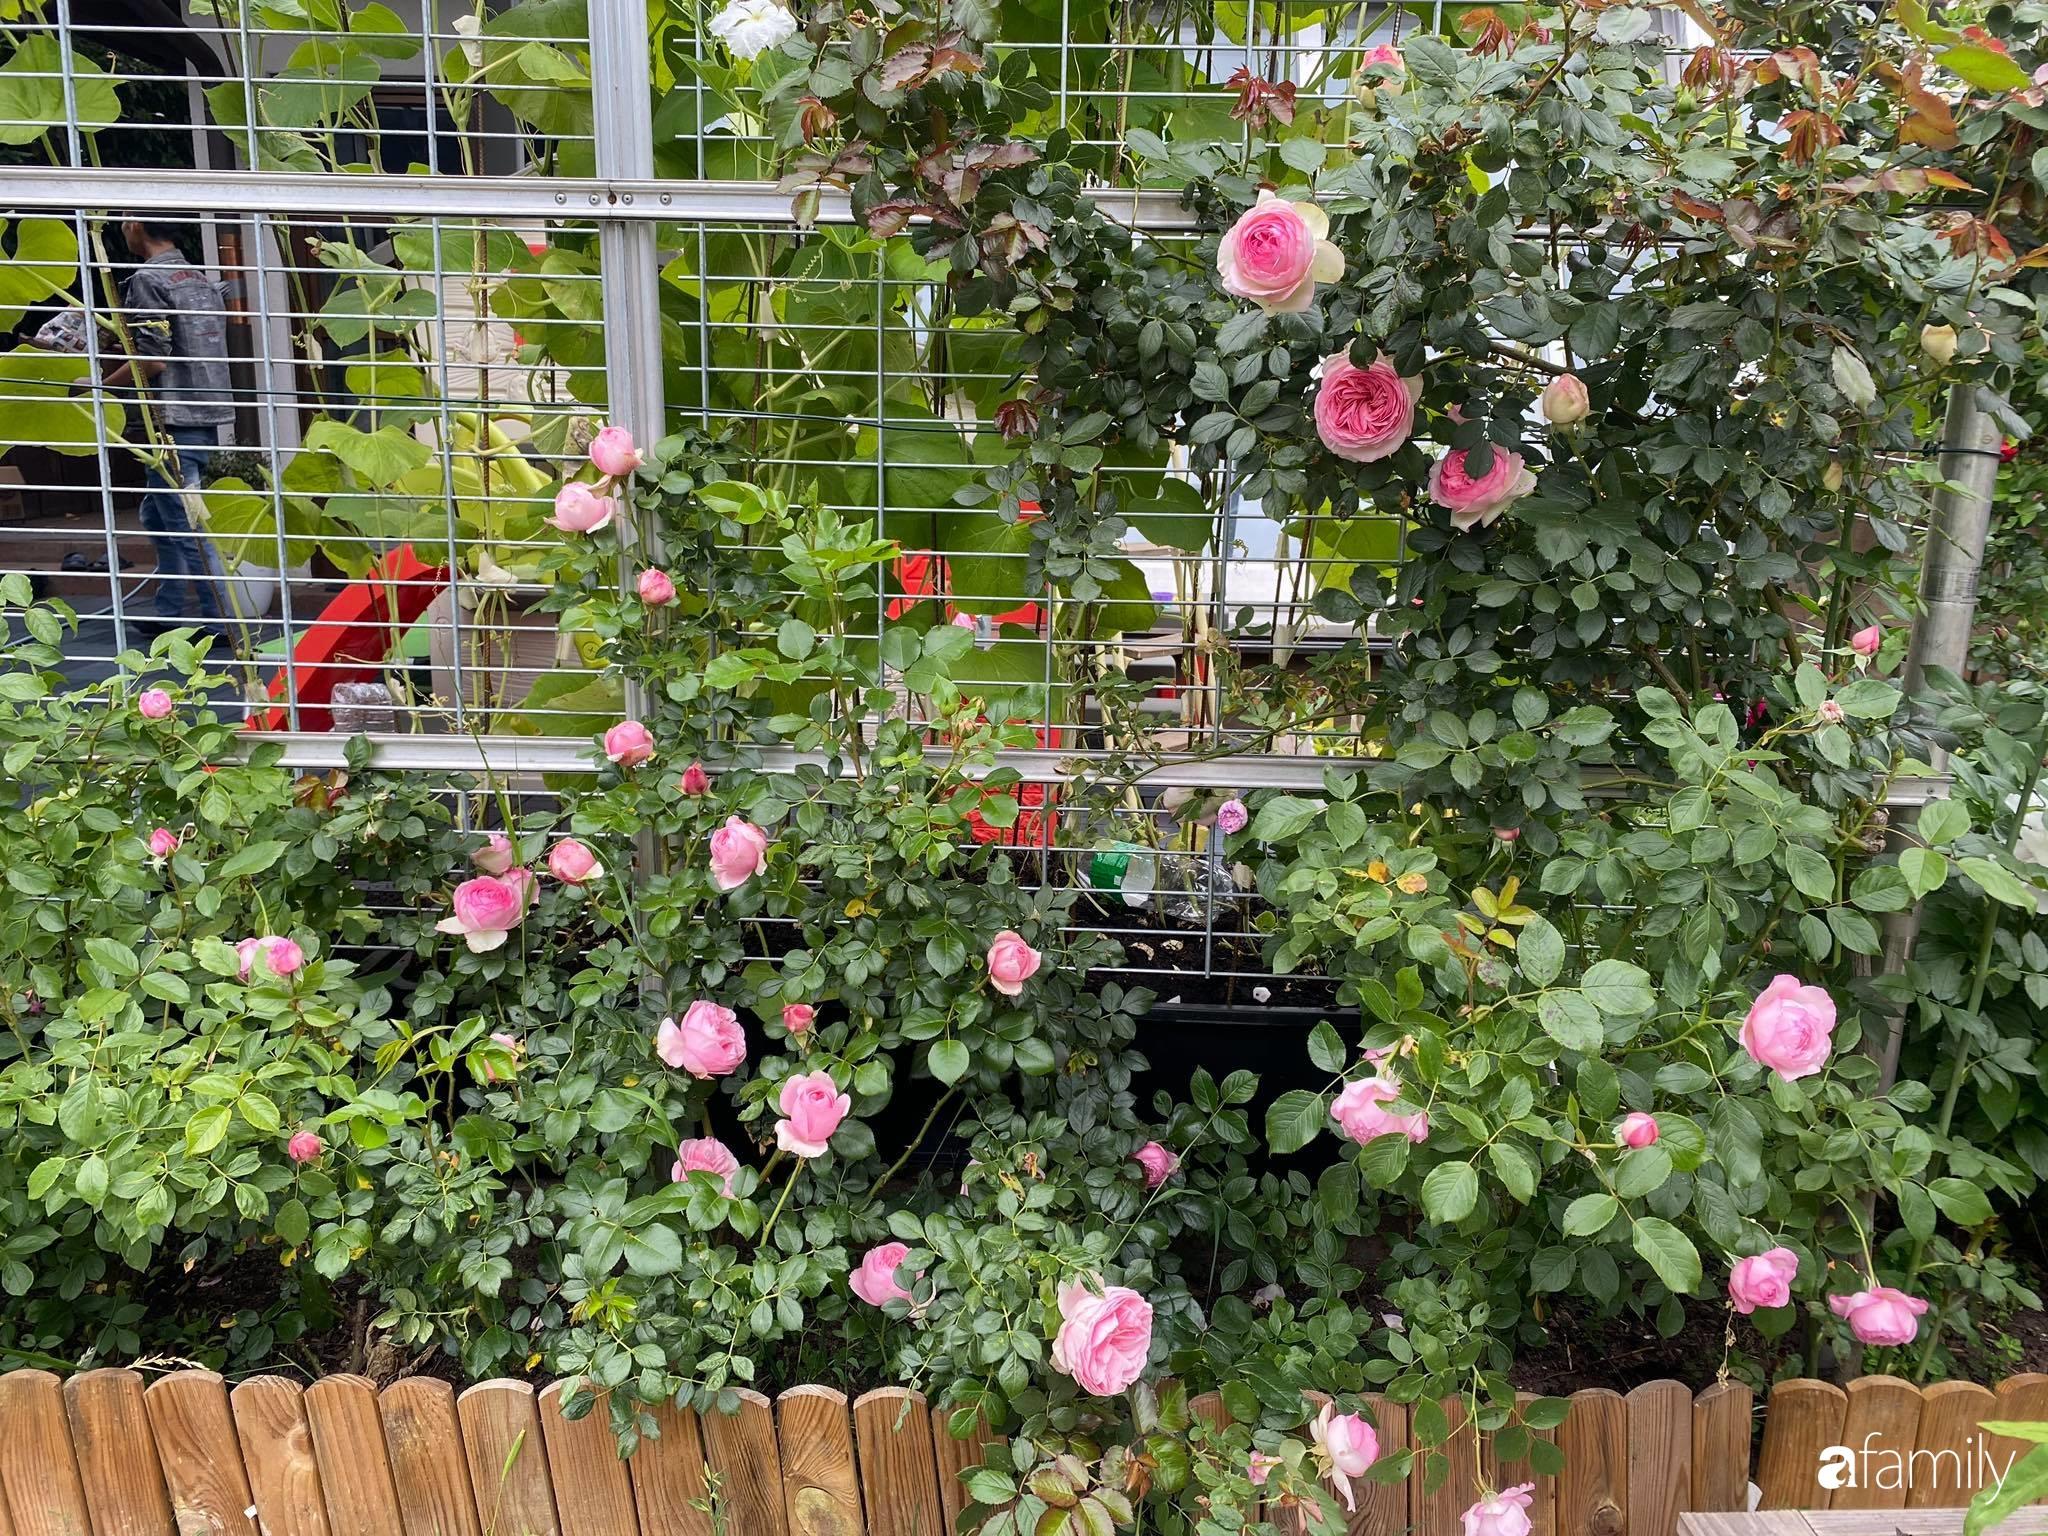 Khu vườn 300m² giữa đô thị náo nhiệt vẫn an yên, thư thái nhờ mẹ Việt trồng cây và hoa tốt tươi - Ảnh 9.